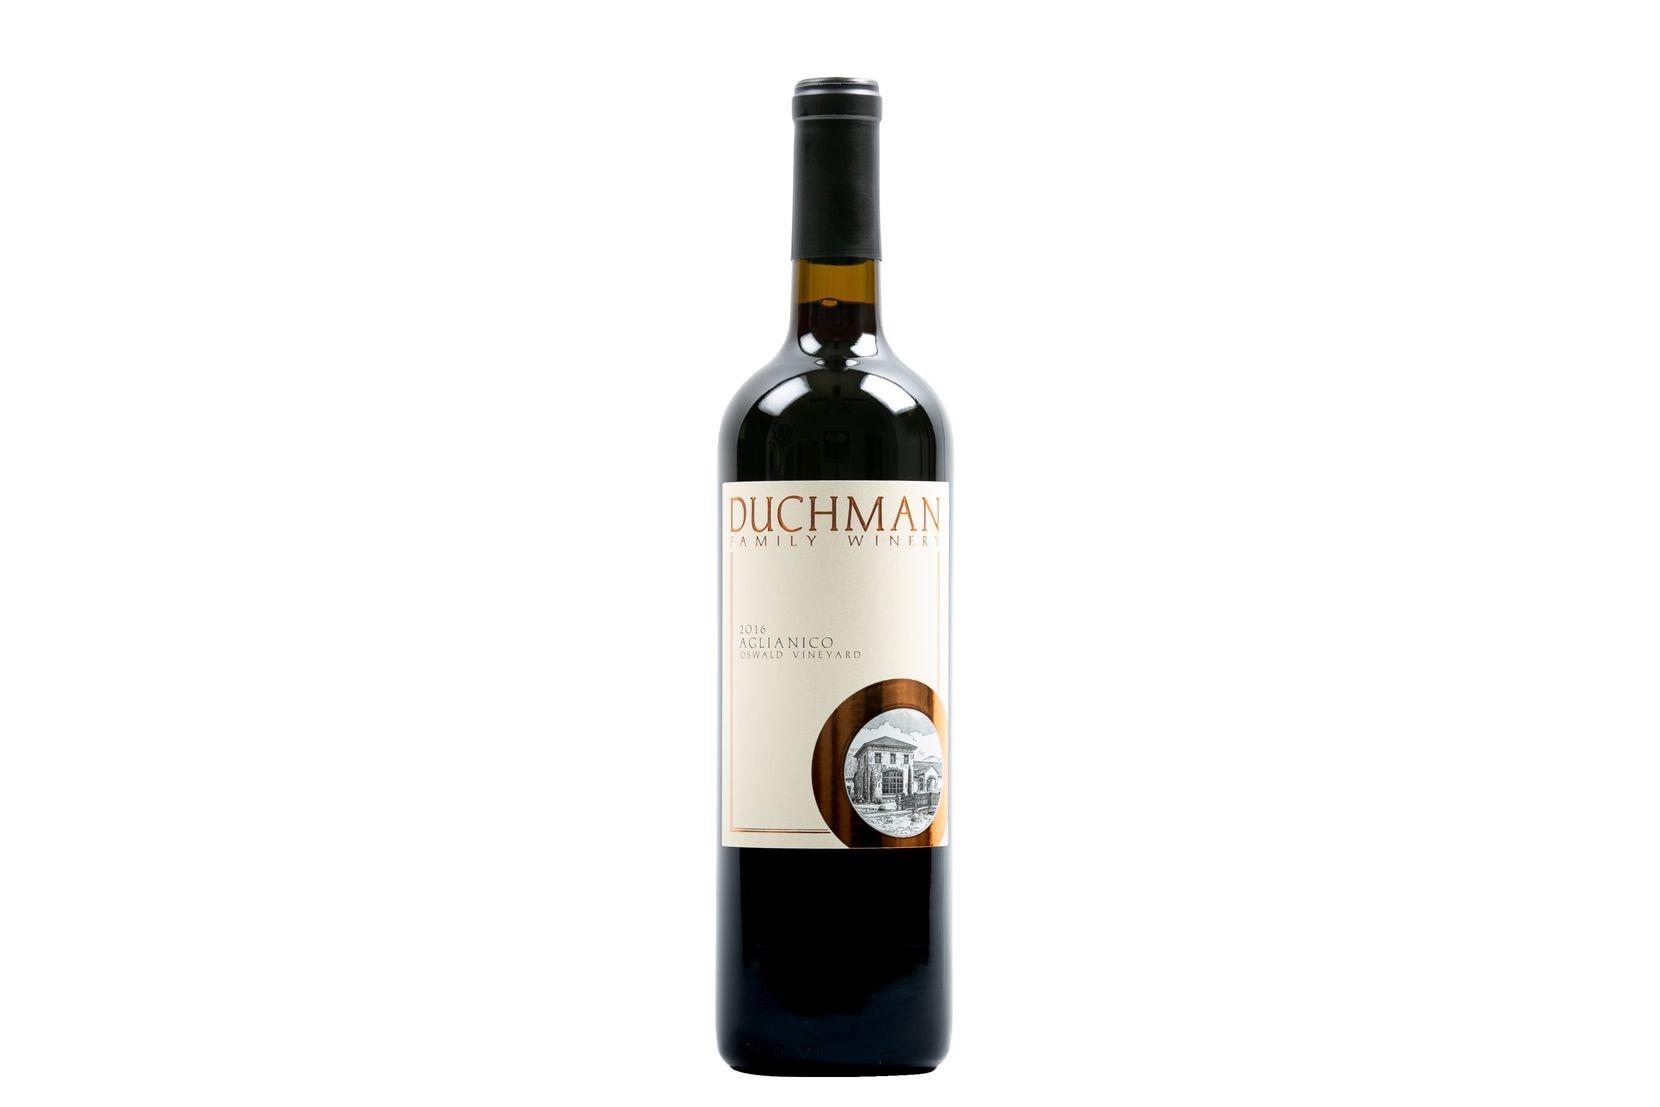 Duchman 2016 Aglianico